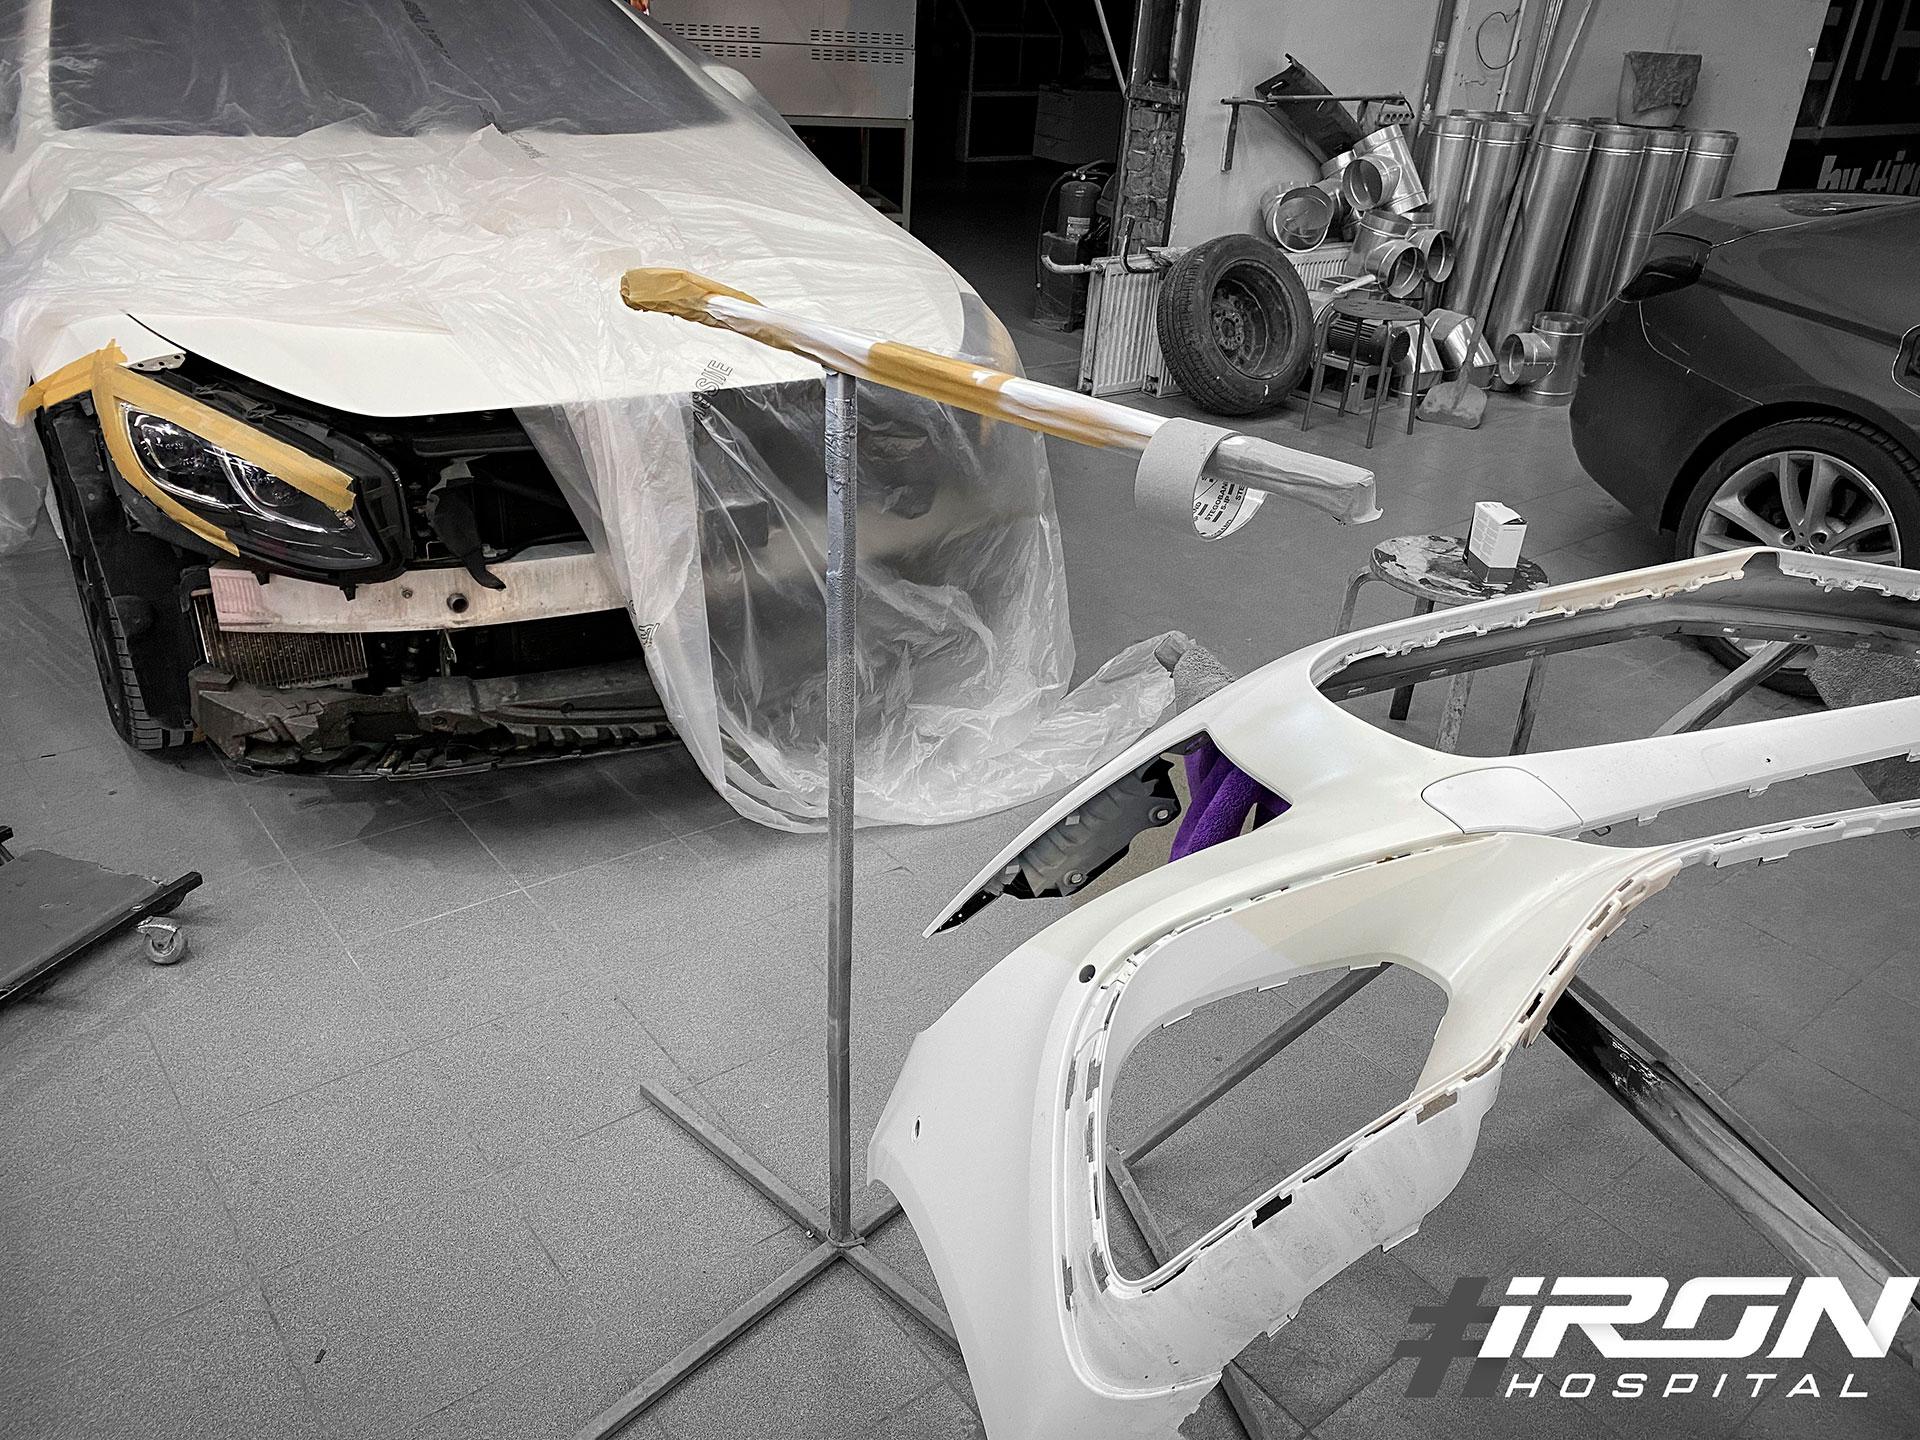 Окрас переднего бампера на Mercedes s class в белый матовый перламутр